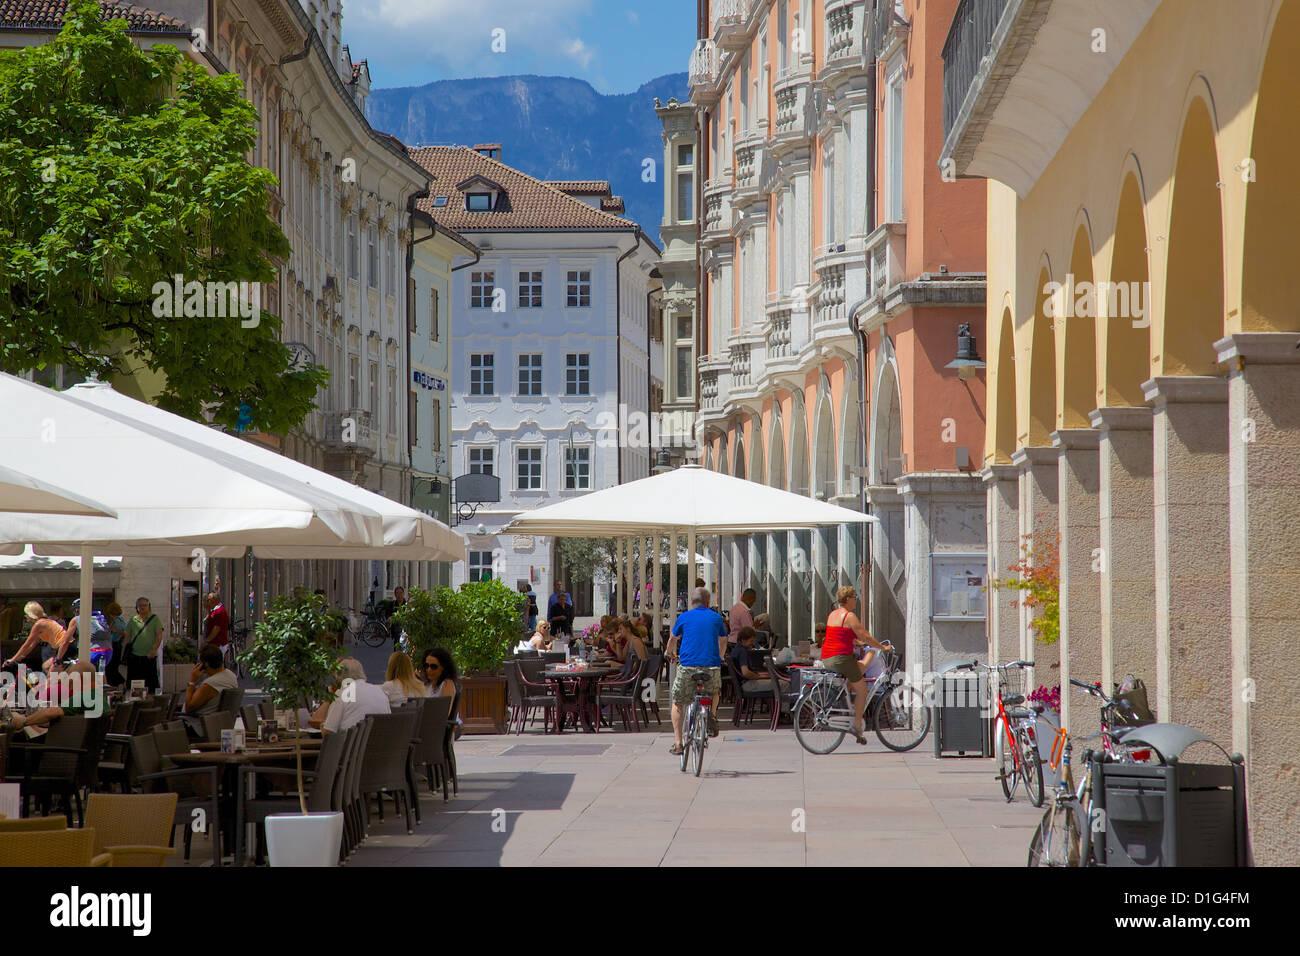 Cafes and shops, Via Mostra, Bolzano, Bolzano Province, Trentino-Alto Adige, Italy, Europe - Stock Image